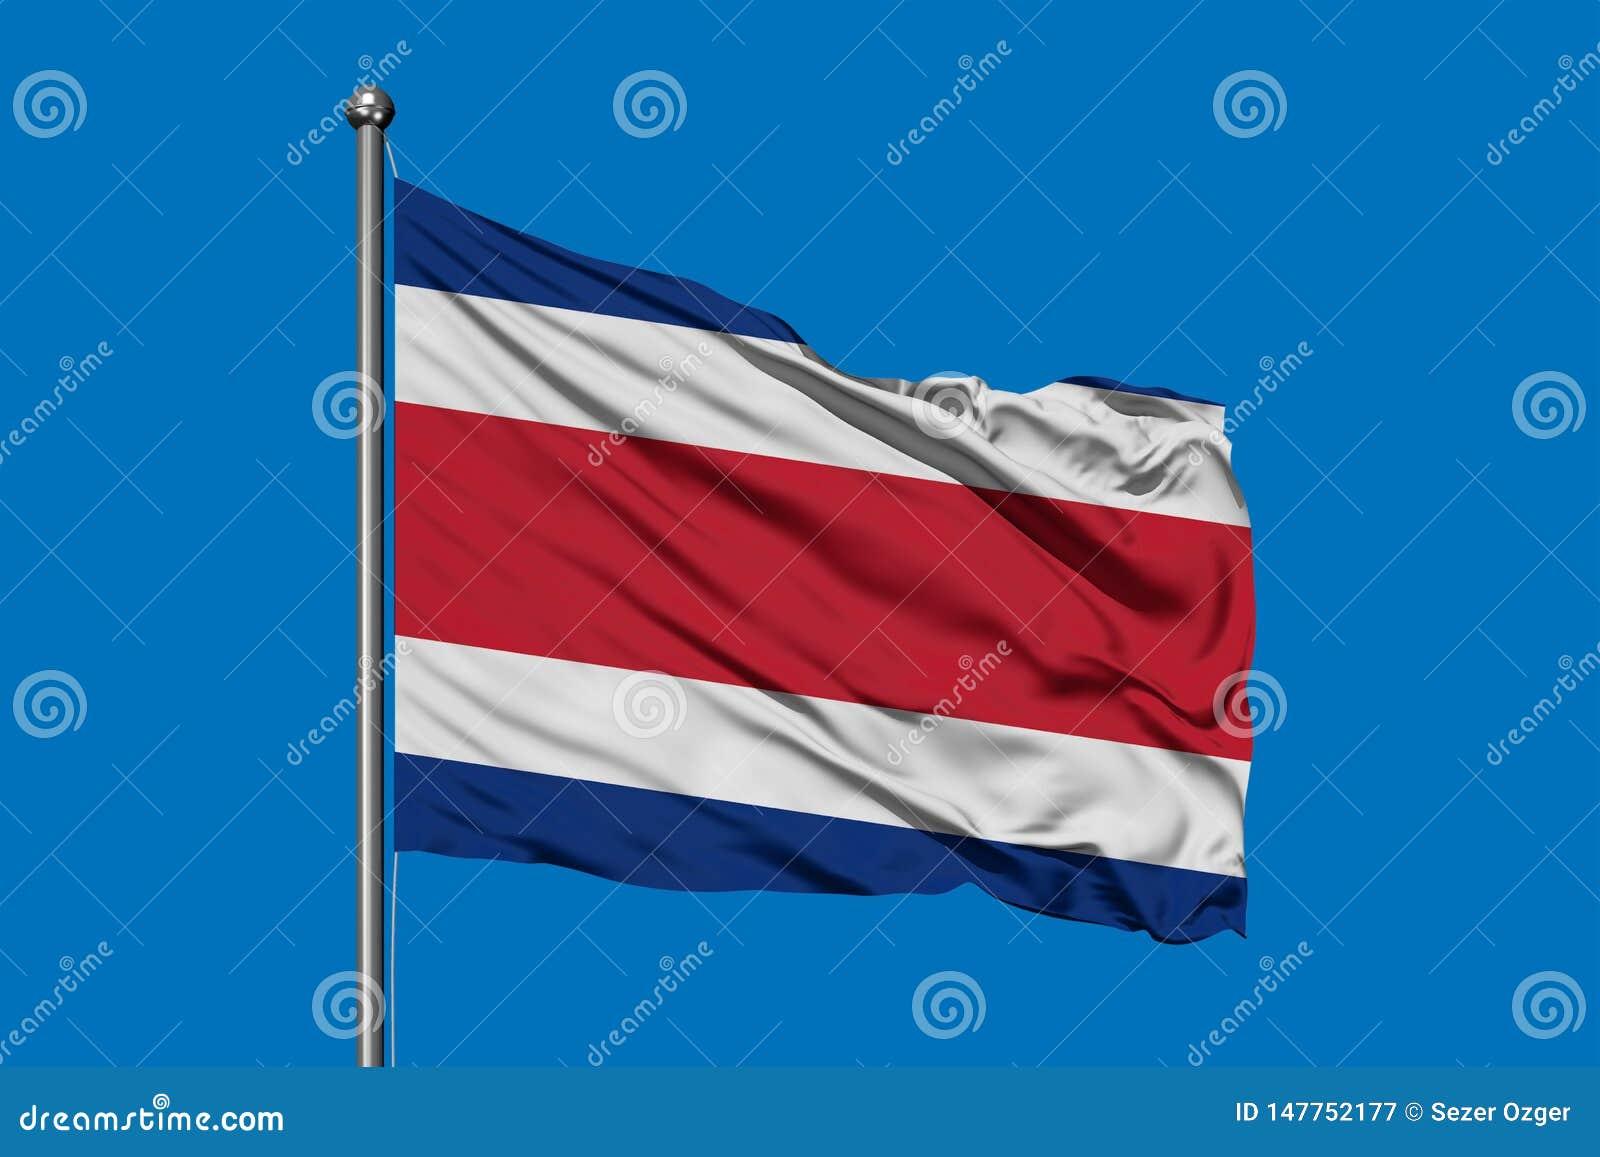 Drapeau de Costa Rica ondulant dans le vent contre le ciel bleu profond Costa Rican Flag